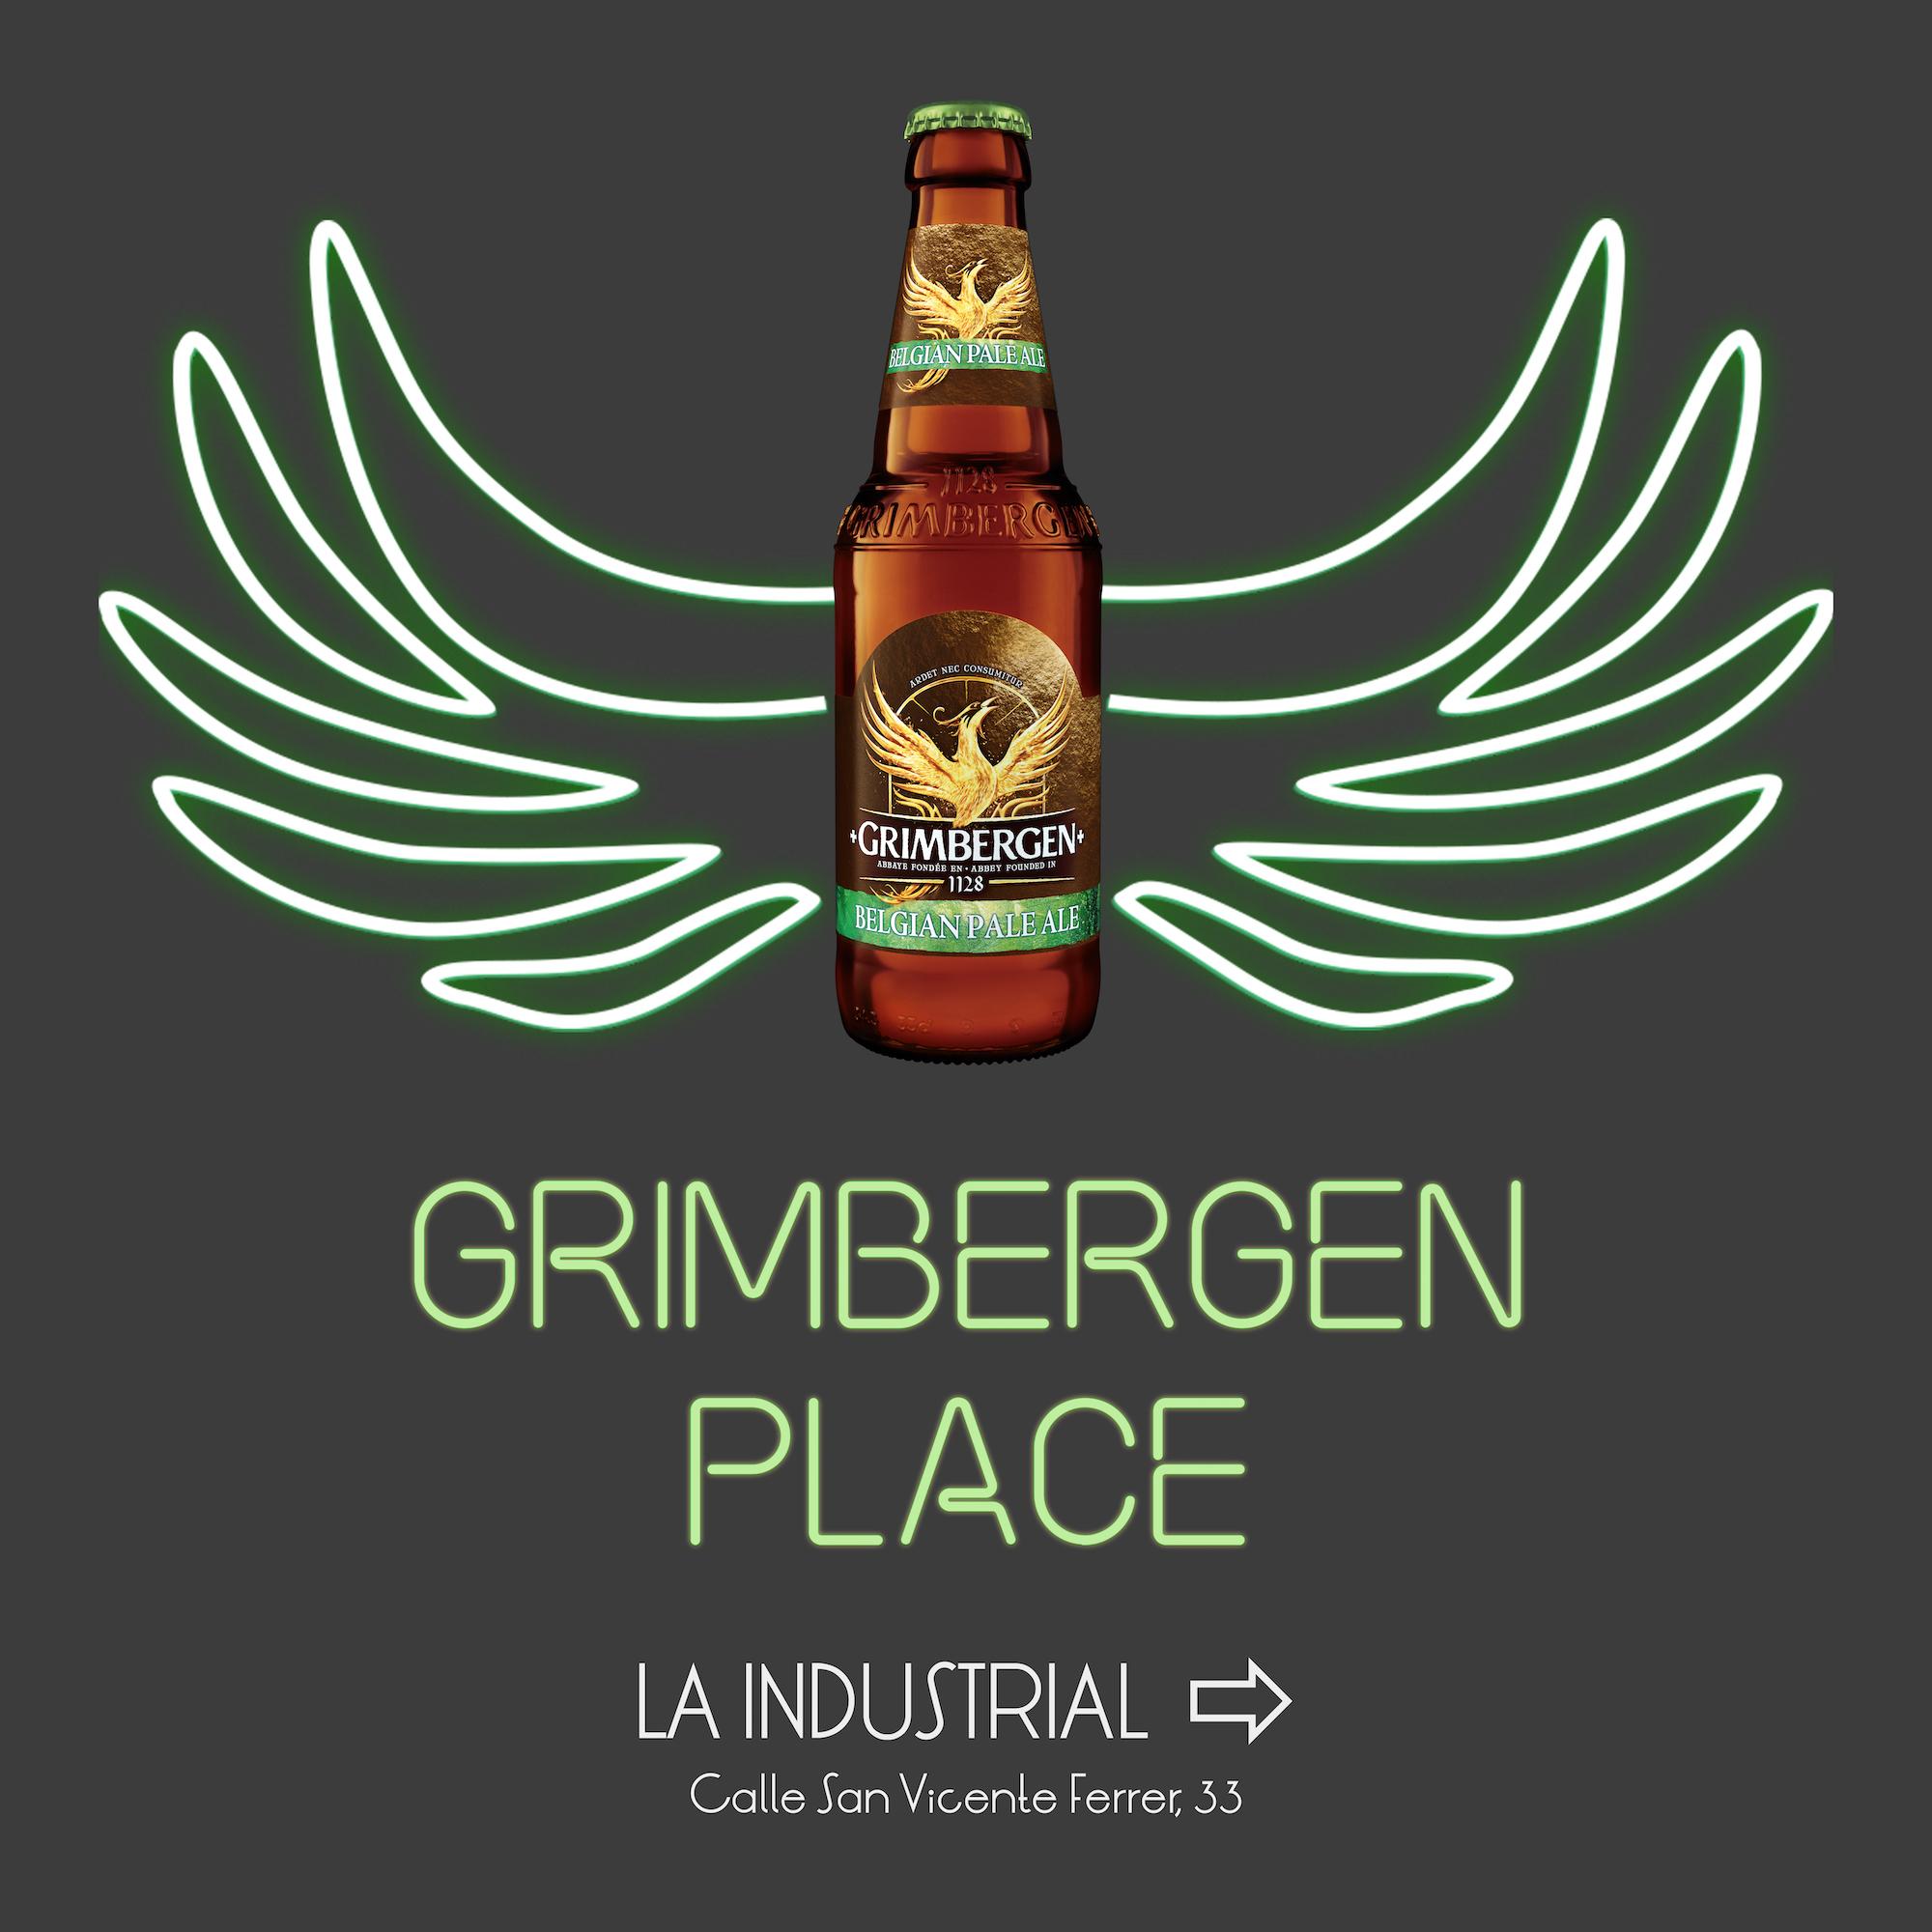 Grimbergen Place